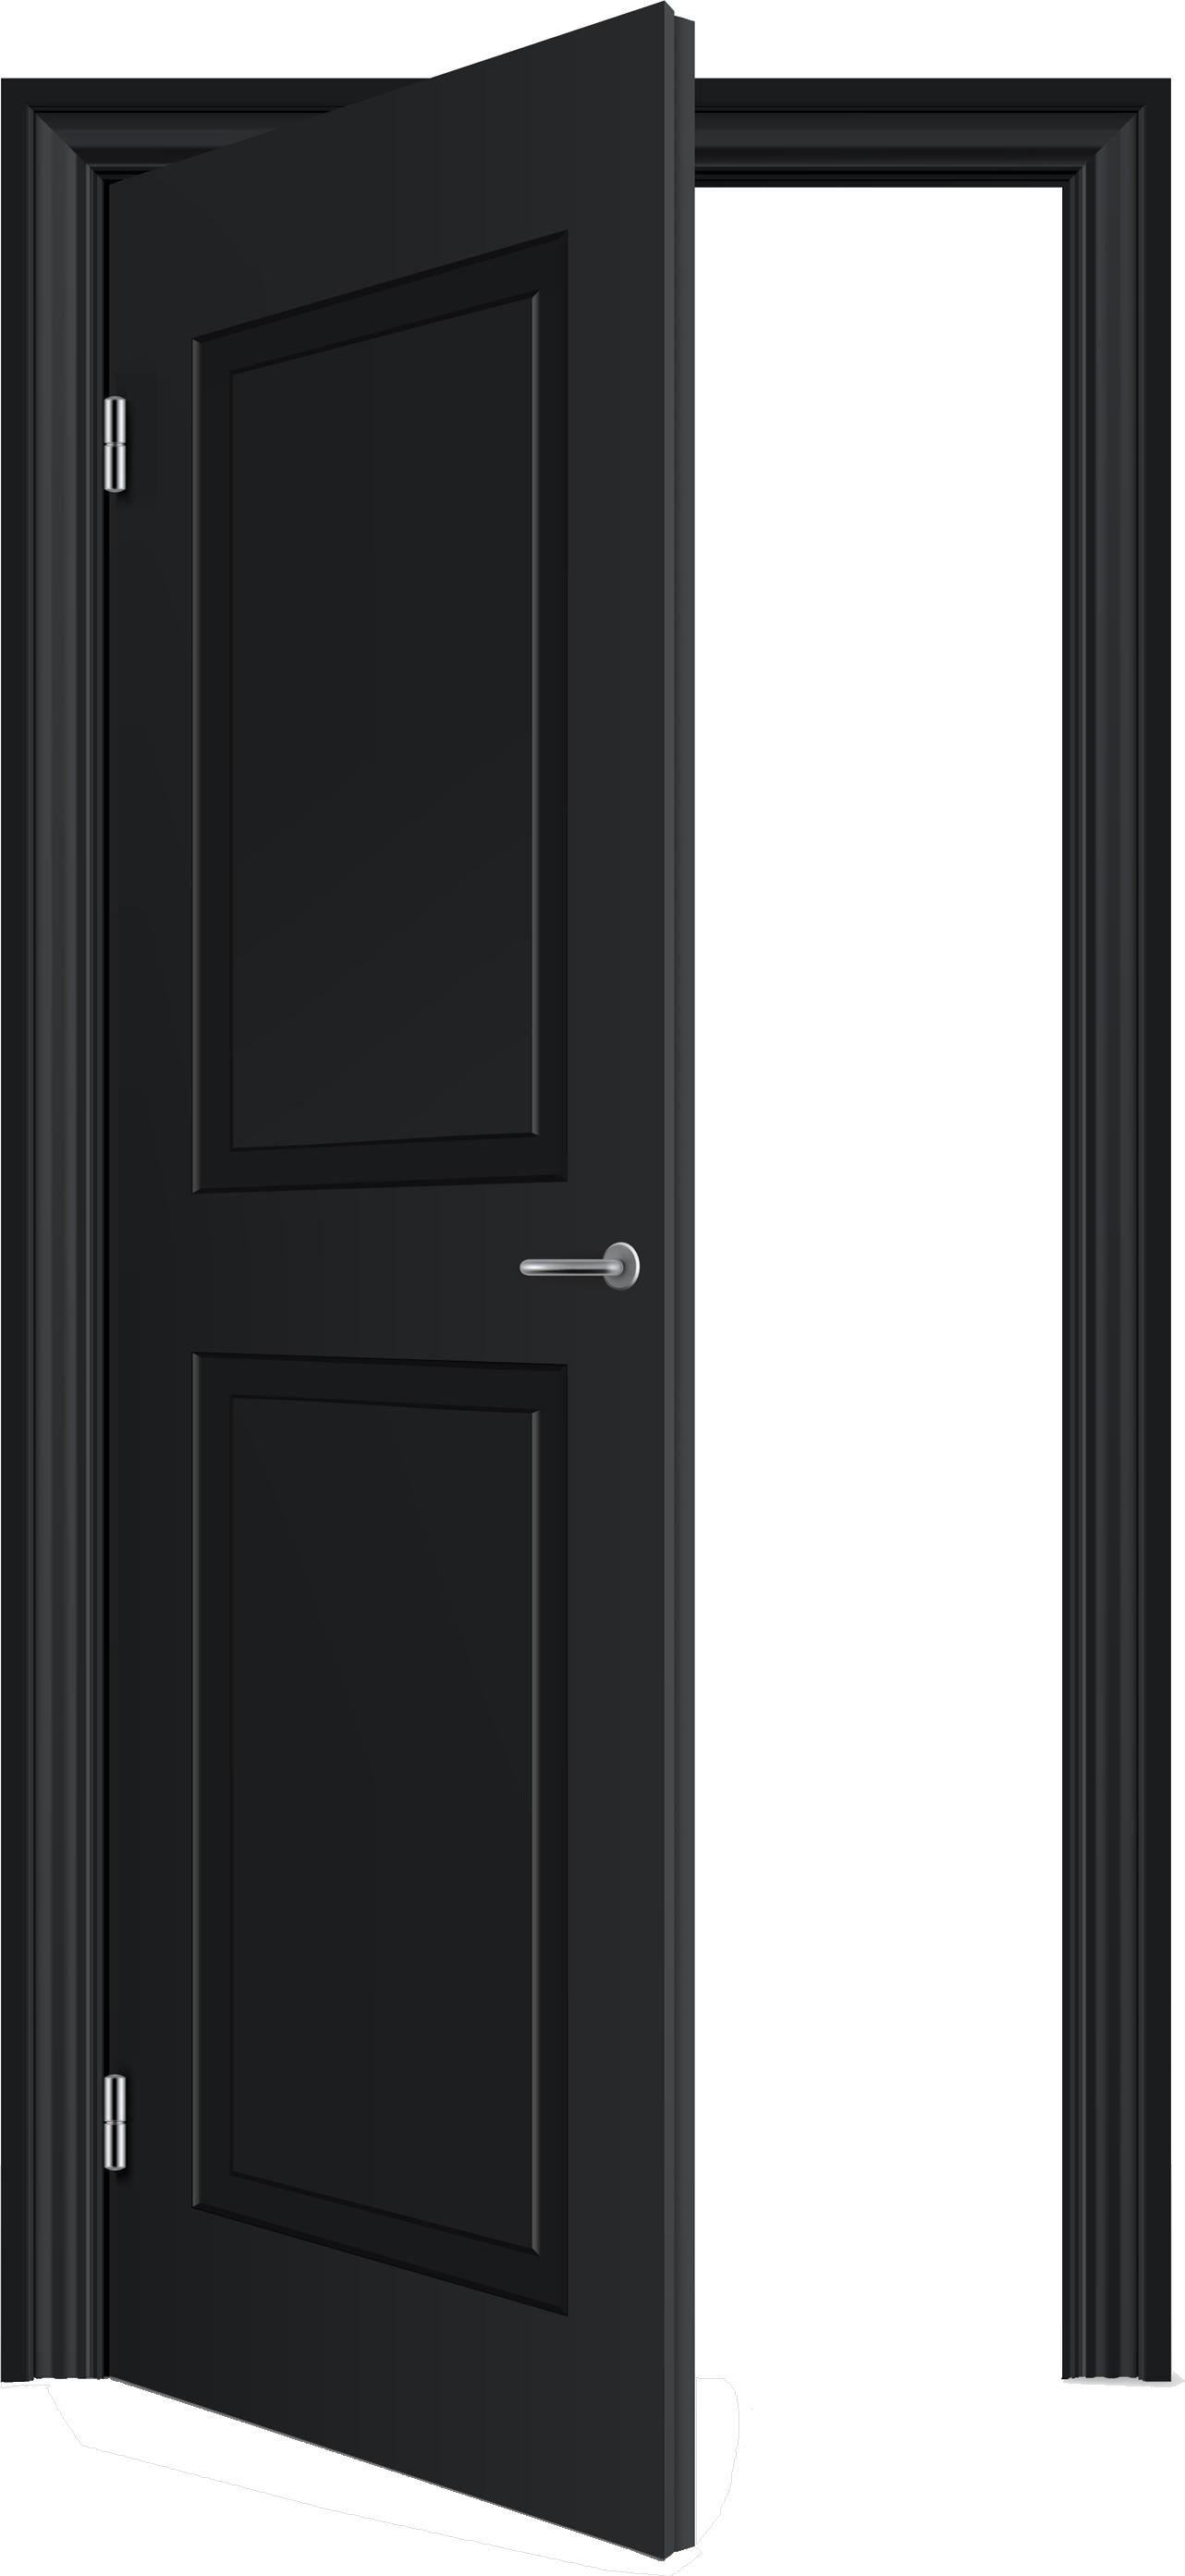 Door PNG Image Doors, Tall storage, Storage